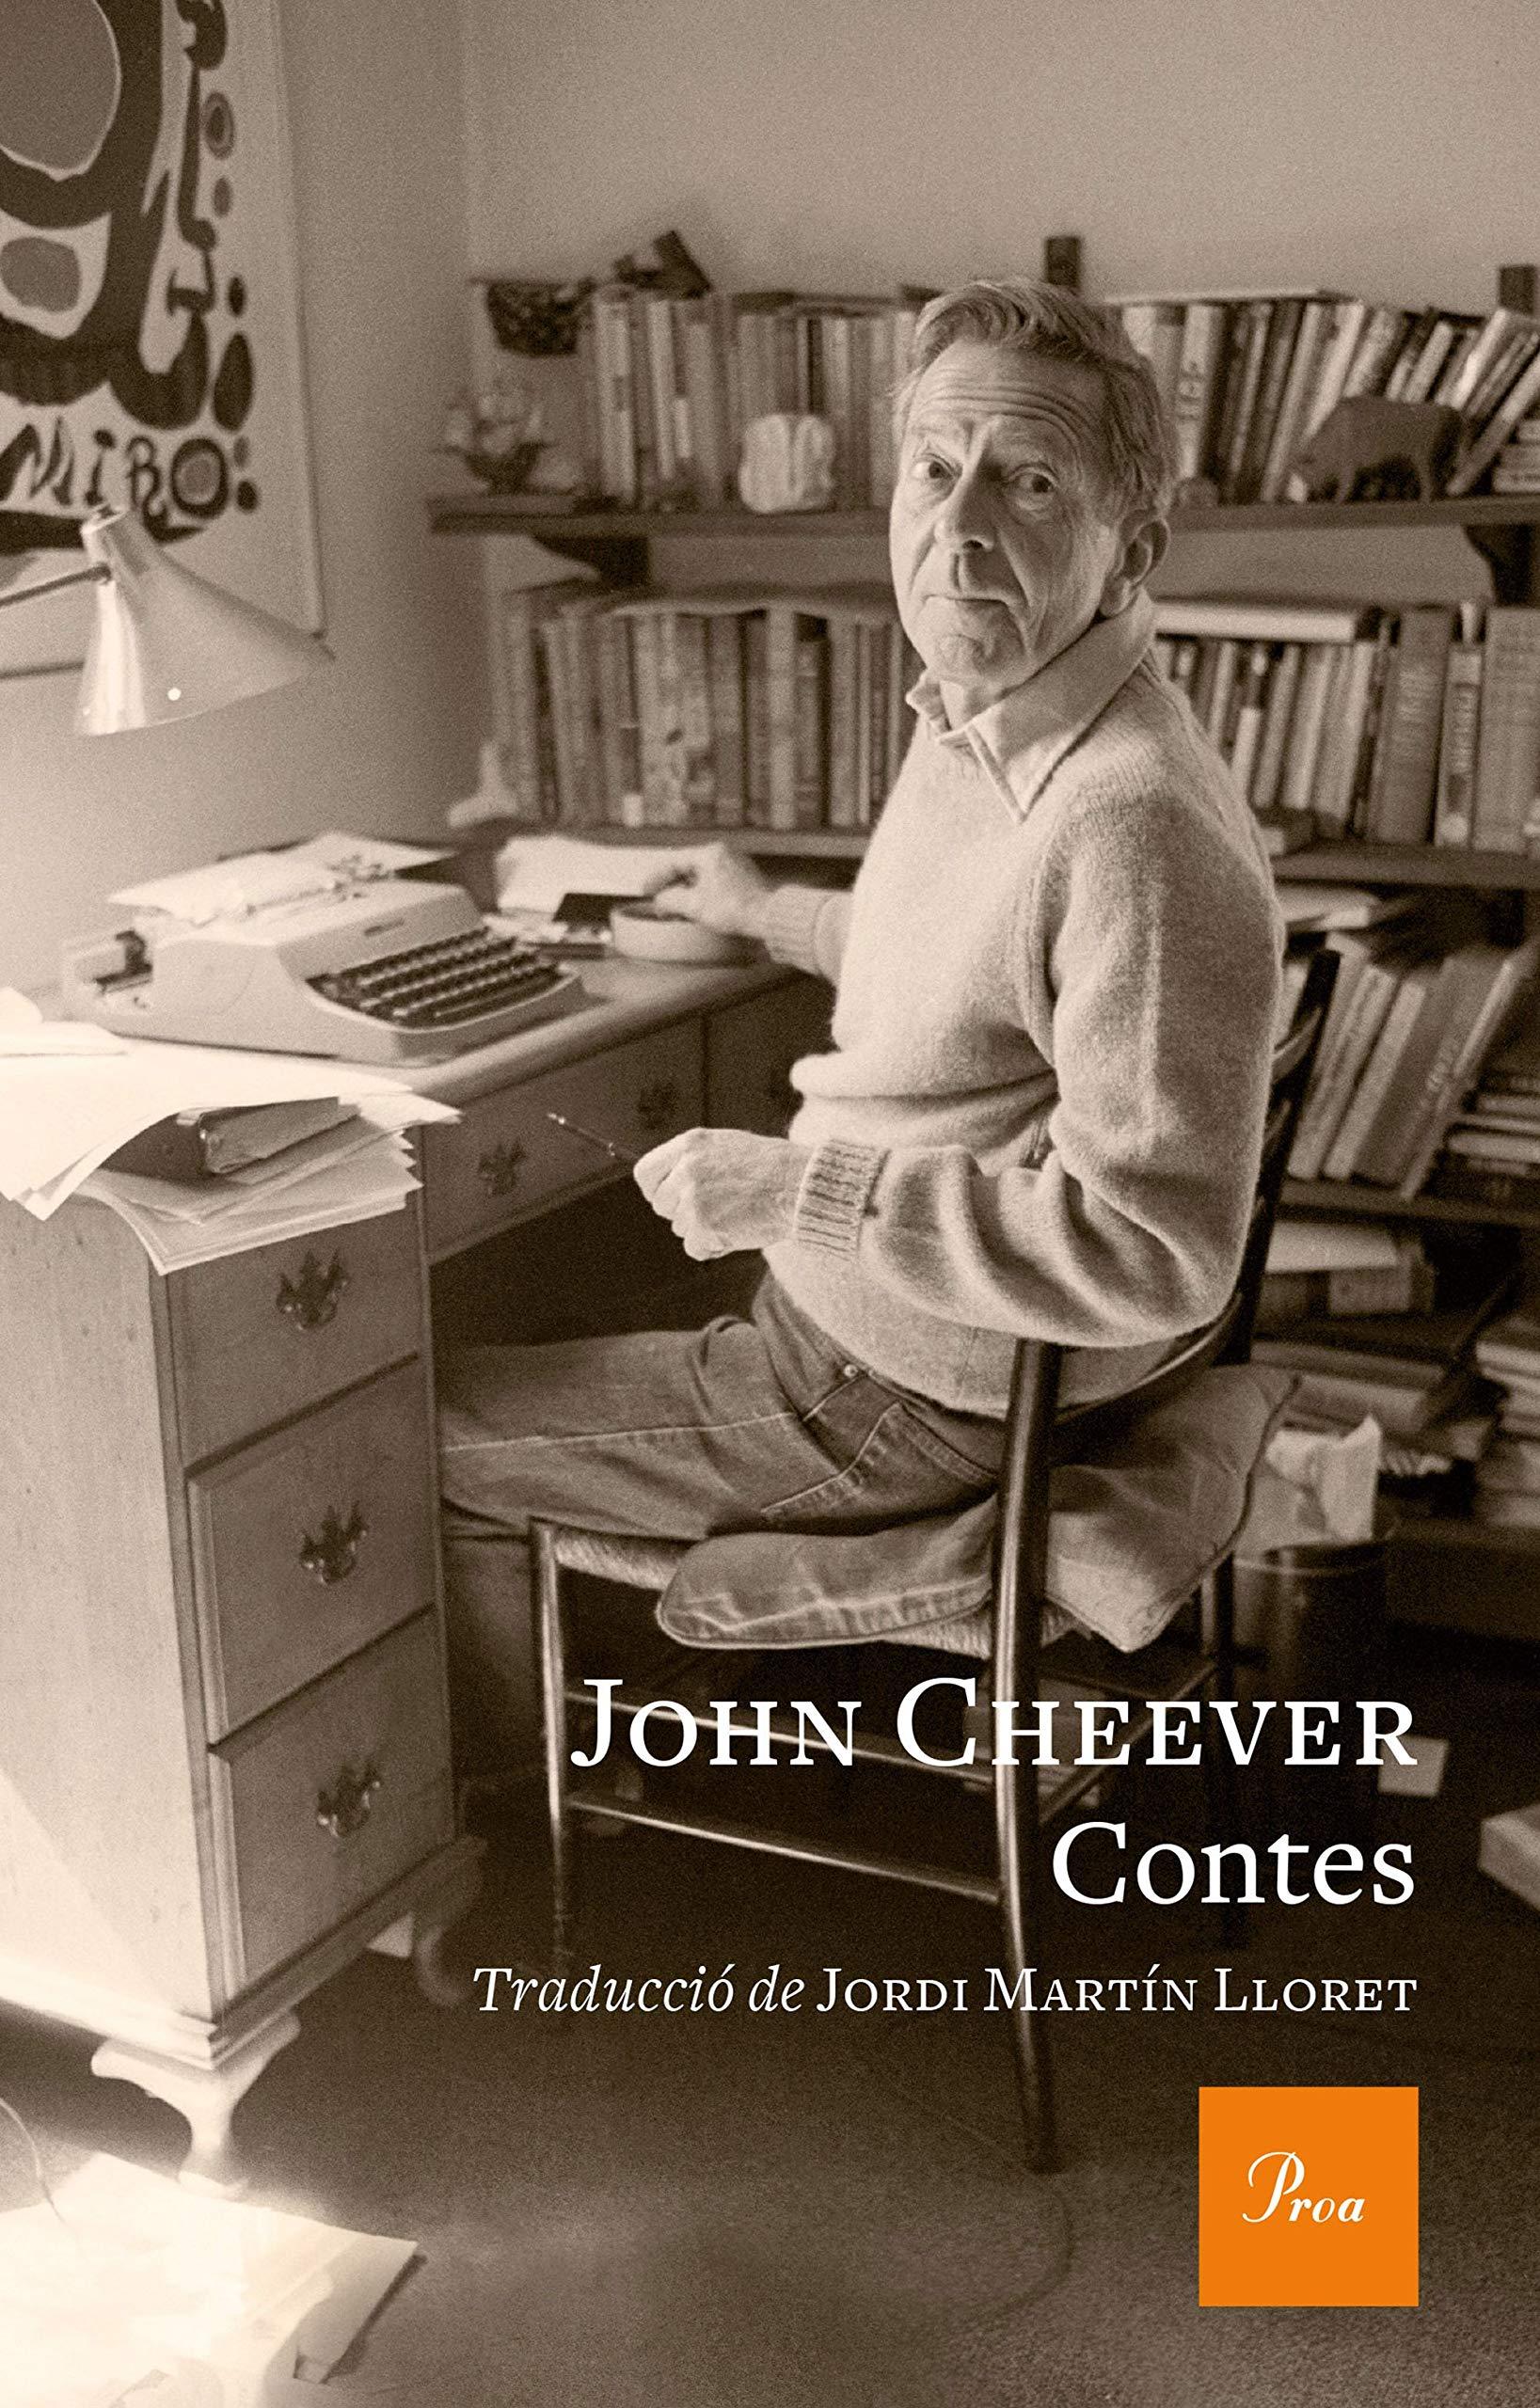 Contes (A TOT VENT-RÚST): Amazon.es: Cheever, John, Martin ...